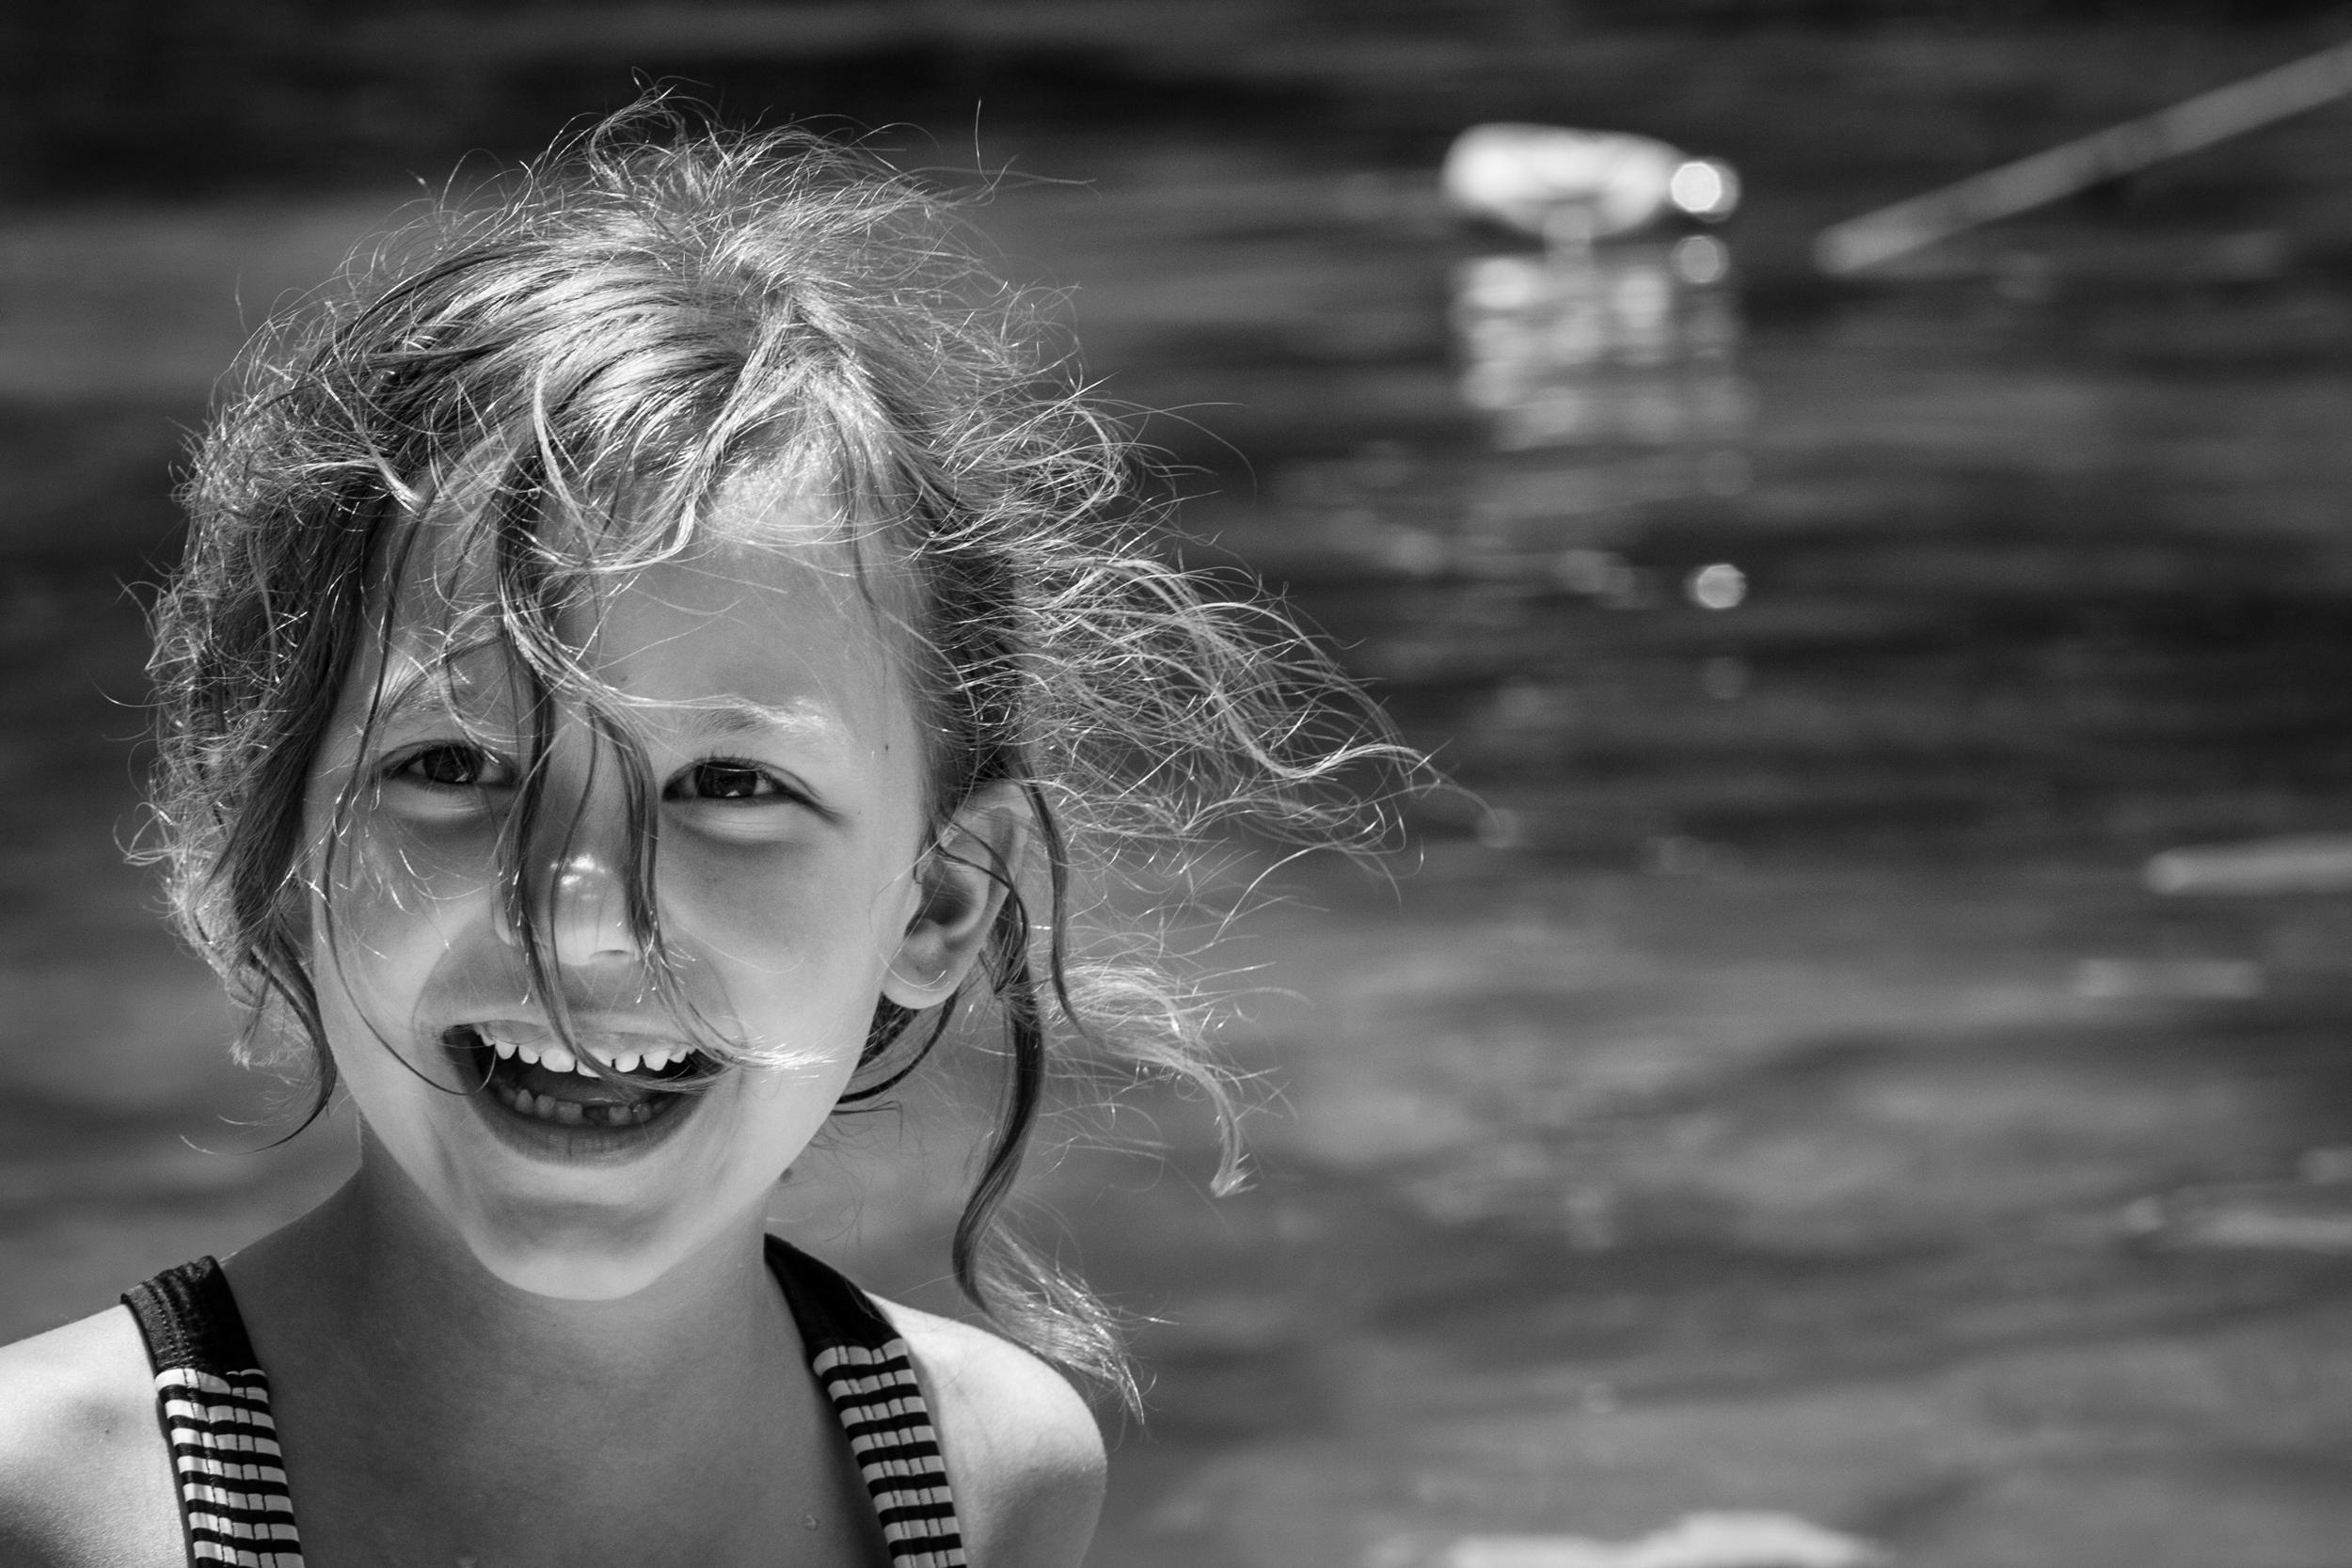 jacksonville-documentary-family-photography-12.jpg